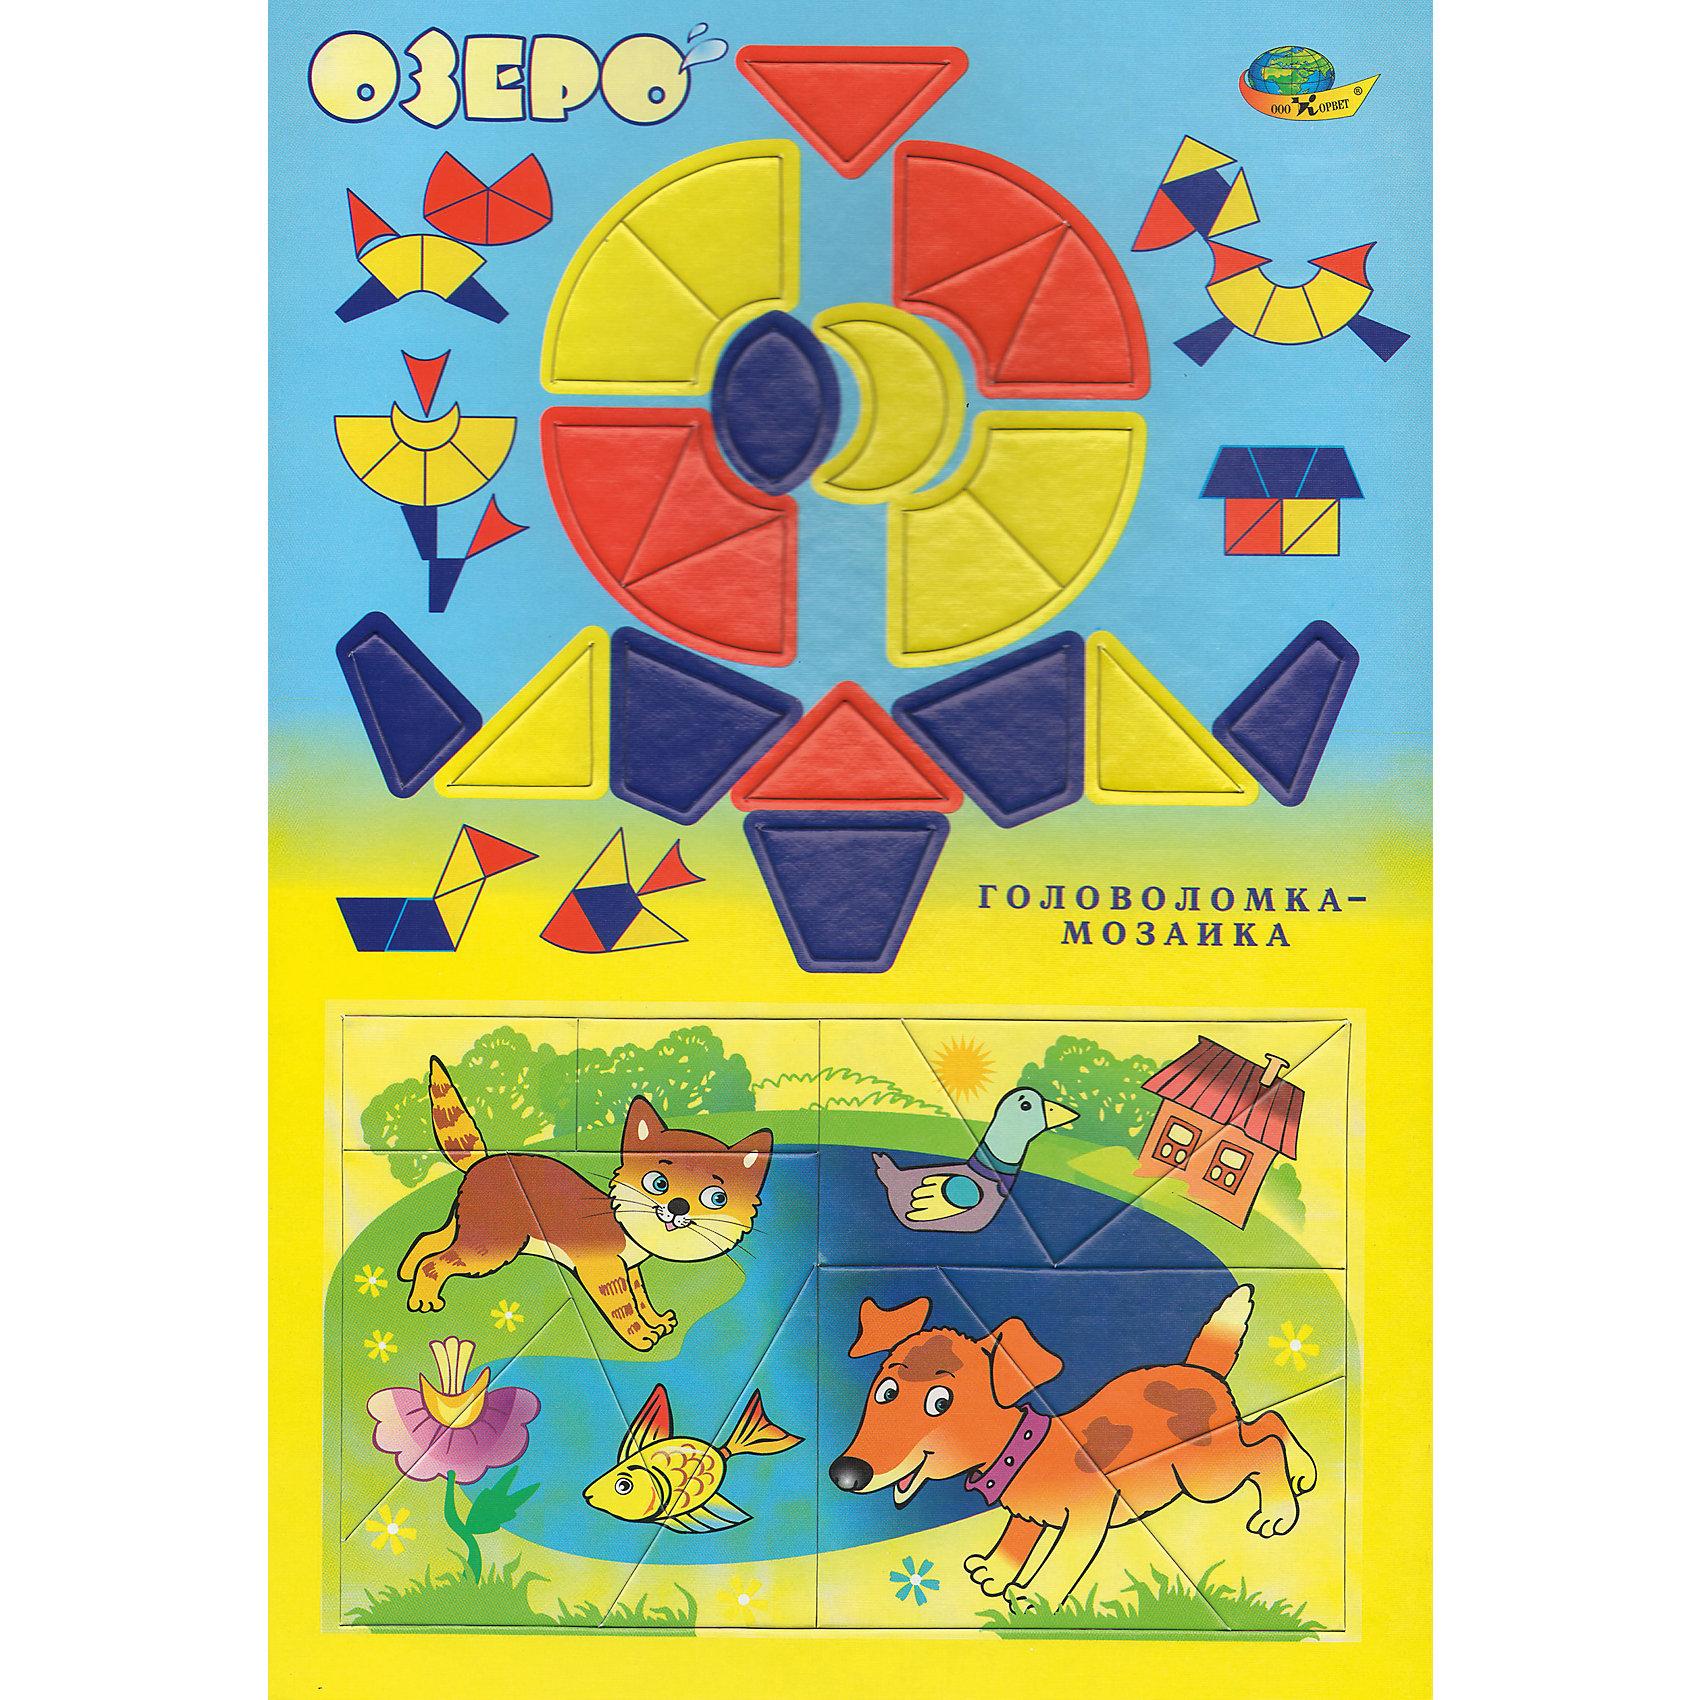 Развивающая головоломка-мозаика ОзероРазвивающие игры<br>Для полезного и приятного общения детей и взрослых. Игра служит для развития восприятия, пространственной ориентации, мелкой моторики, внимания, фантазии, речи. Предложенные для собирания фигурки могут оказаться персонажами историй, которые Вы придумаете вместе с Вашим ребенком. Например, про кошку с котенком или двух друзей-щенков...<br><br>Ширина мм: 30<br>Глубина мм: 21<br>Высота мм: 1<br>Вес г: 140<br>Возраст от месяцев: 48<br>Возраст до месяцев: 2147483647<br>Пол: Унисекс<br>Возраст: Детский<br>SKU: 4803027